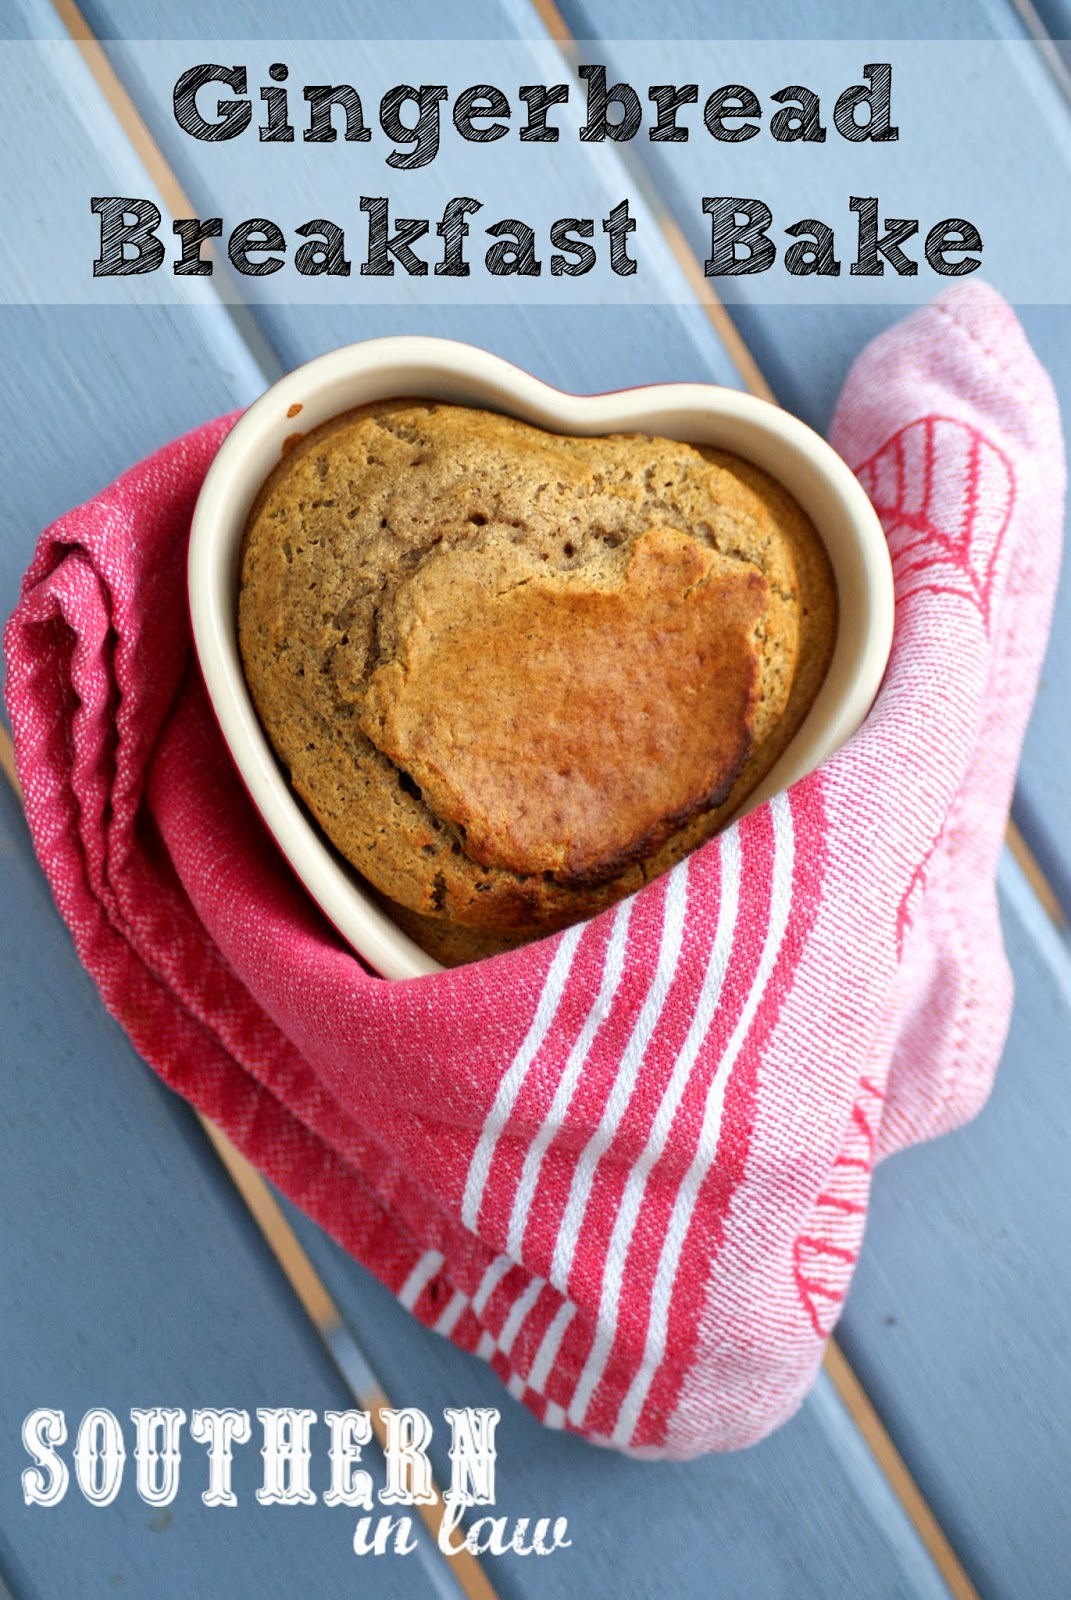 Healthy Gingerbread Breakfast Bake Recipe - Gluten Free, Low Fat, Sugar Free